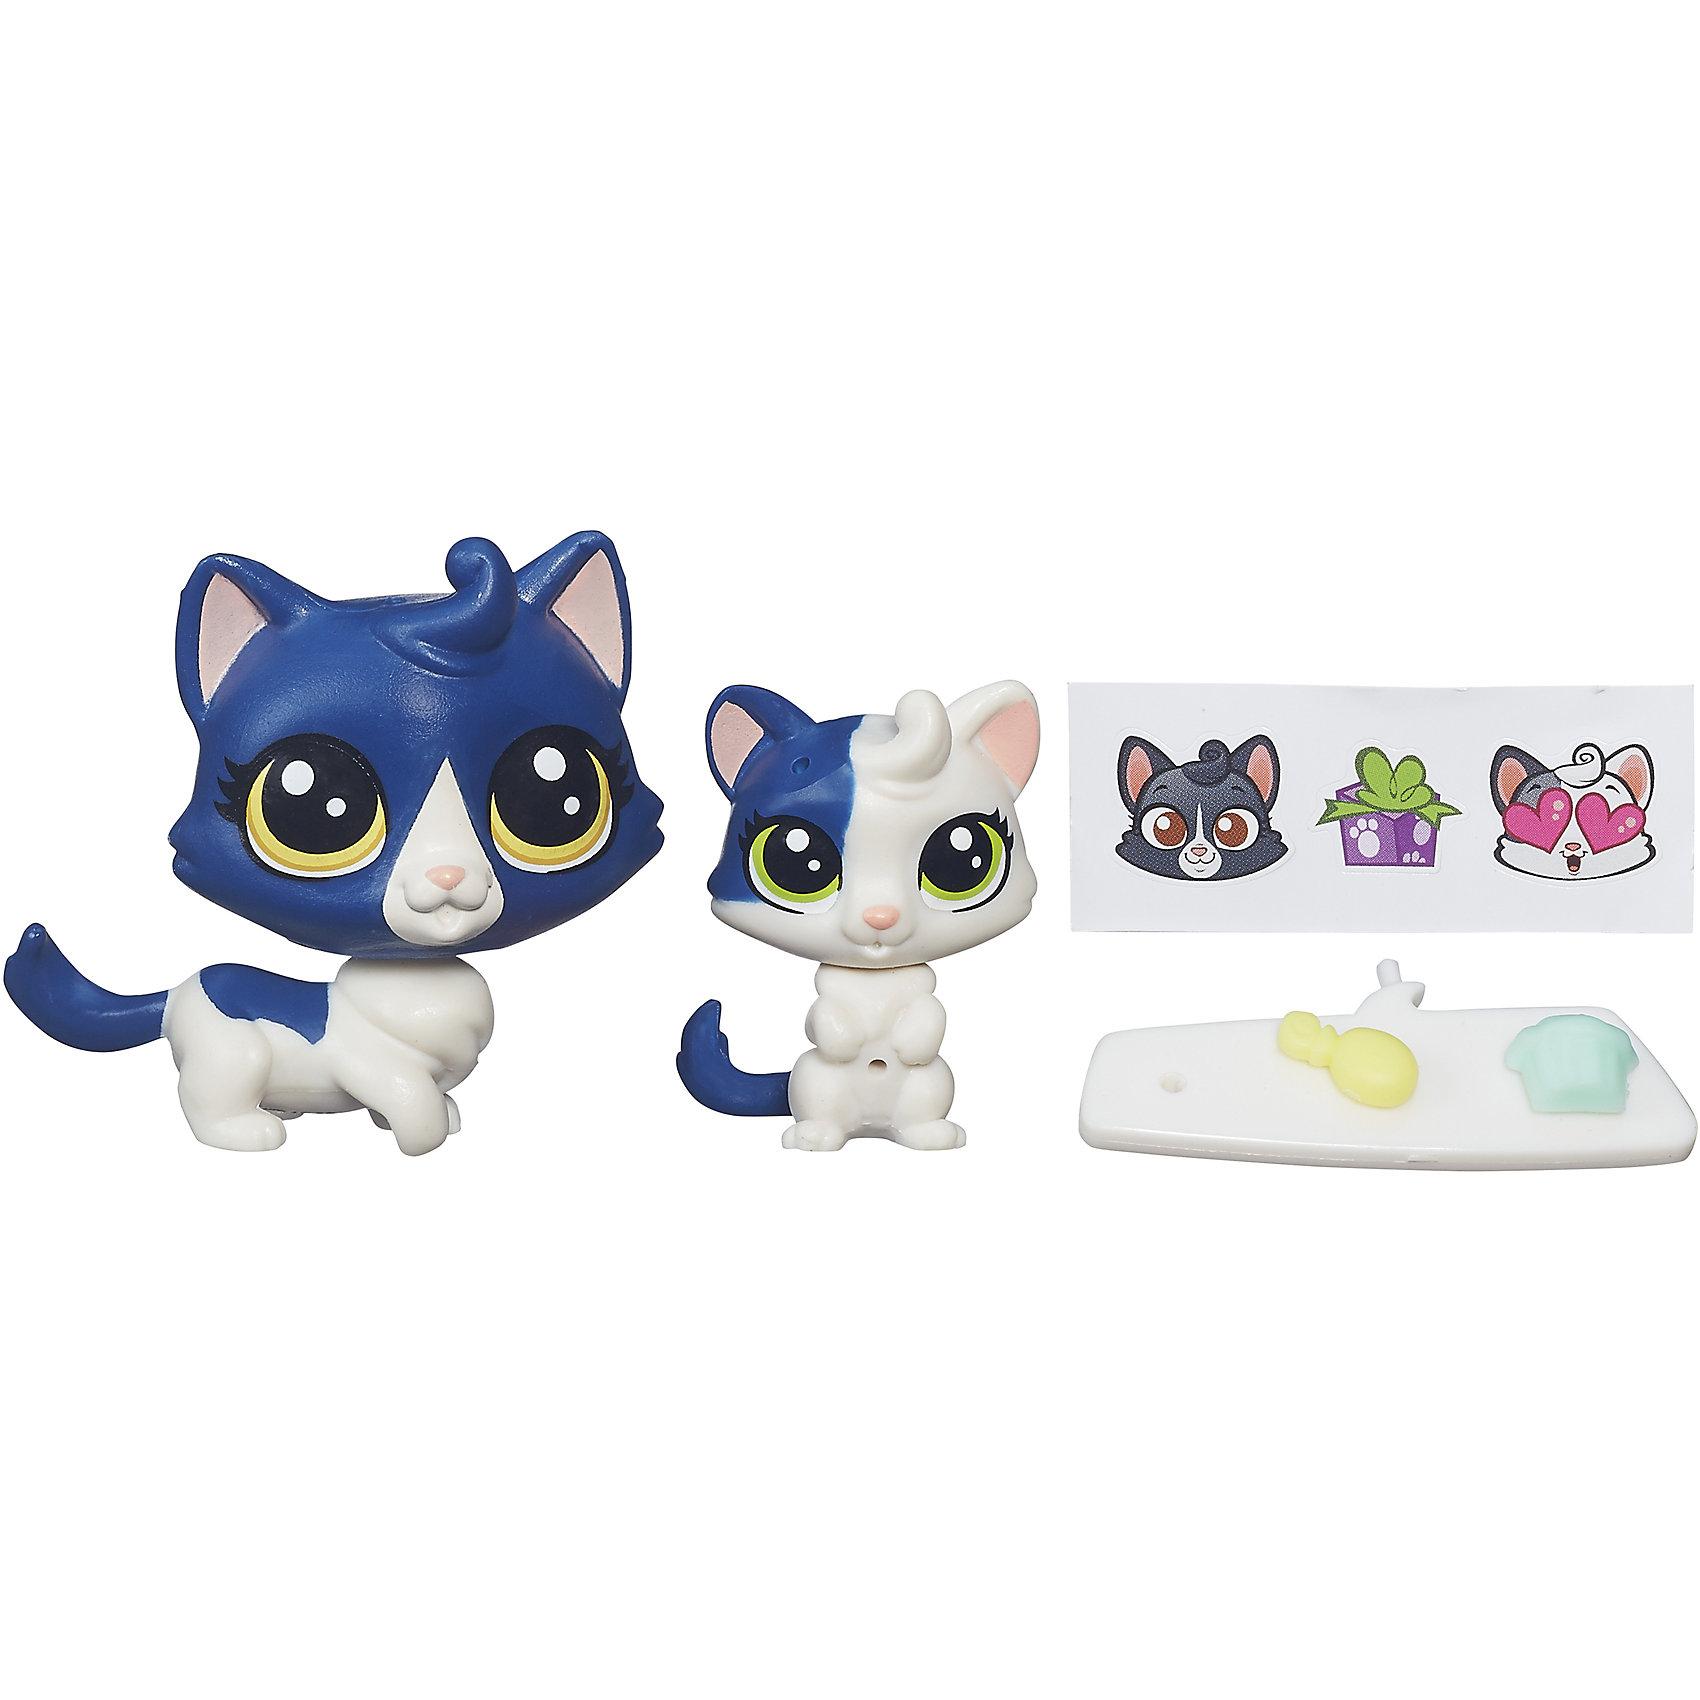 Зверюшка и ее малыш, Littlest Pet Shop, А7313/B4763Зверюшка и ее малыш, Littlest Pet Shop, А7313/B4763<br><br>Характеристики:<br><br>• Состав: кошка, котенок, наклейки и 3 украшения<br>• Возраст: 4+<br>• Материал: пластик, бумага<br>• Размер упаковки: 13 х 13 х 1.5 см<br><br>Коллекция животных из популярного мультфильма «Маленький зоомагазин» порадует каждого малыша. Игрушки сделаны из качественного материала, который не содержит вредных веществ и полностью безопасен для ребенка. В набор входит две игрушки: мама и ее малыш, а также аксессуары и наклейки. Ребенок не только соберет целую серию игрушек, но и сможет их украшать, создавая собственный дизайн.<br><br>Зверюшка и ее малыш, Littlest Pet Shop, А7313/B4763 можно купить в нашем интернет-магазине.<br><br>Ширина мм: 144<br>Глубина мм: 136<br>Высота мм: 40<br>Вес г: 53<br>Возраст от месяцев: 48<br>Возраст до месяцев: 72<br>Пол: Женский<br>Возраст: Детский<br>SKU: 4803369